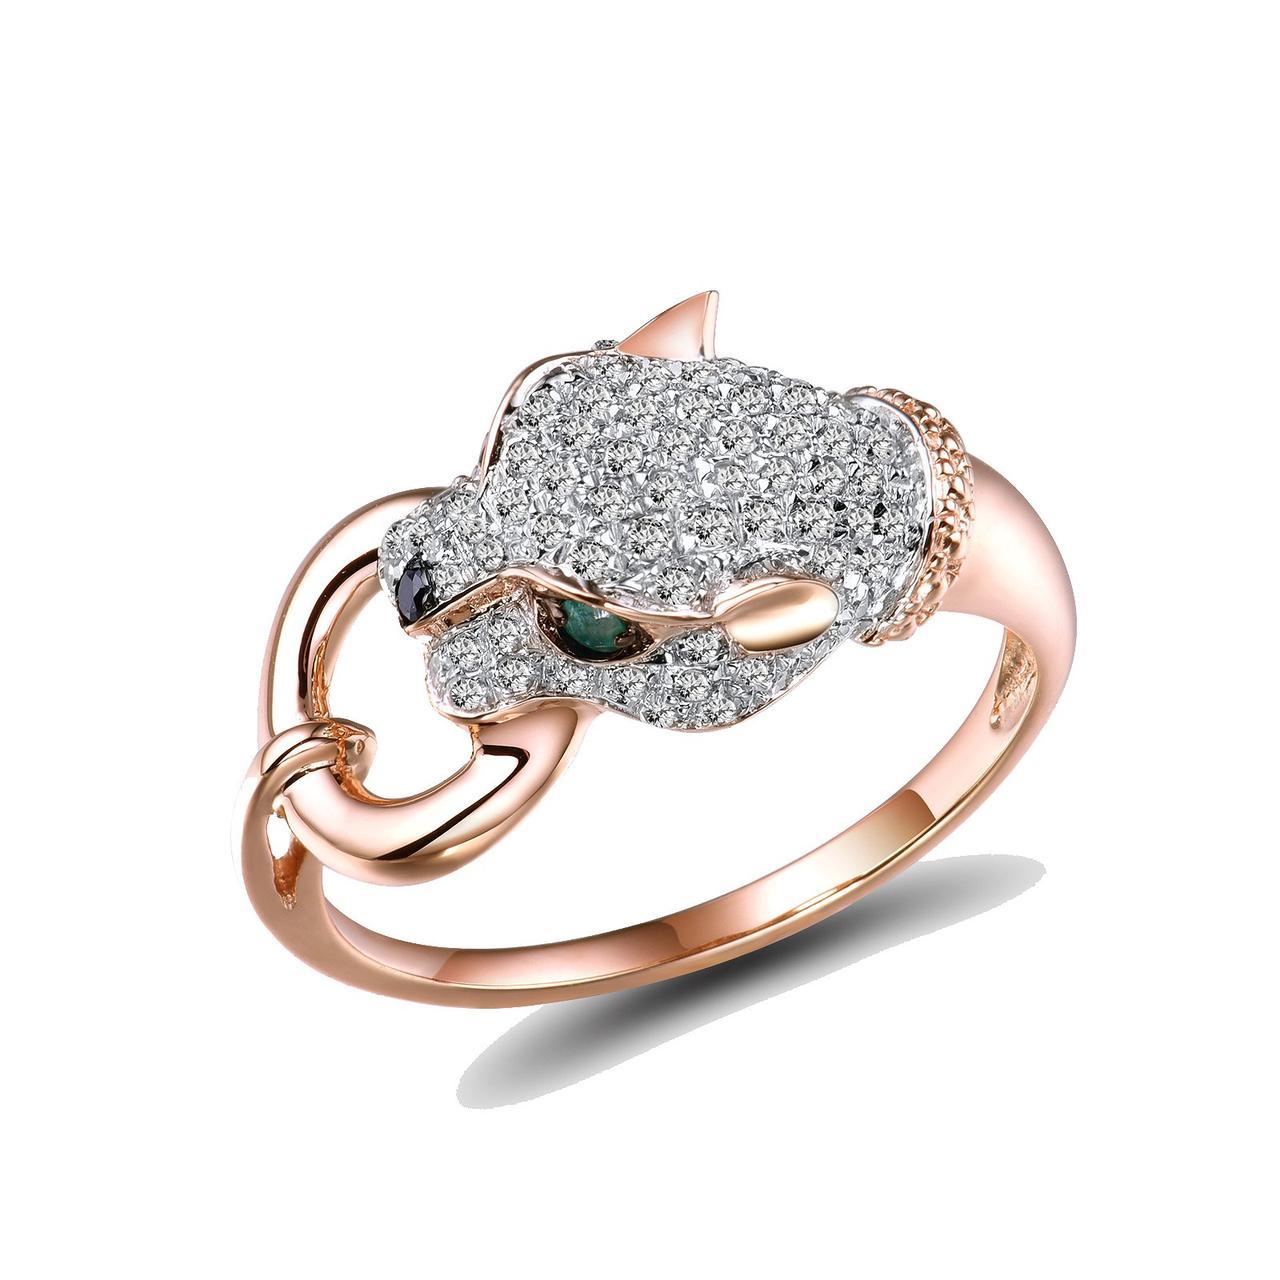 Золотое кольцо с бриллиантами и изумрудами, размер 16.5 (1551724)